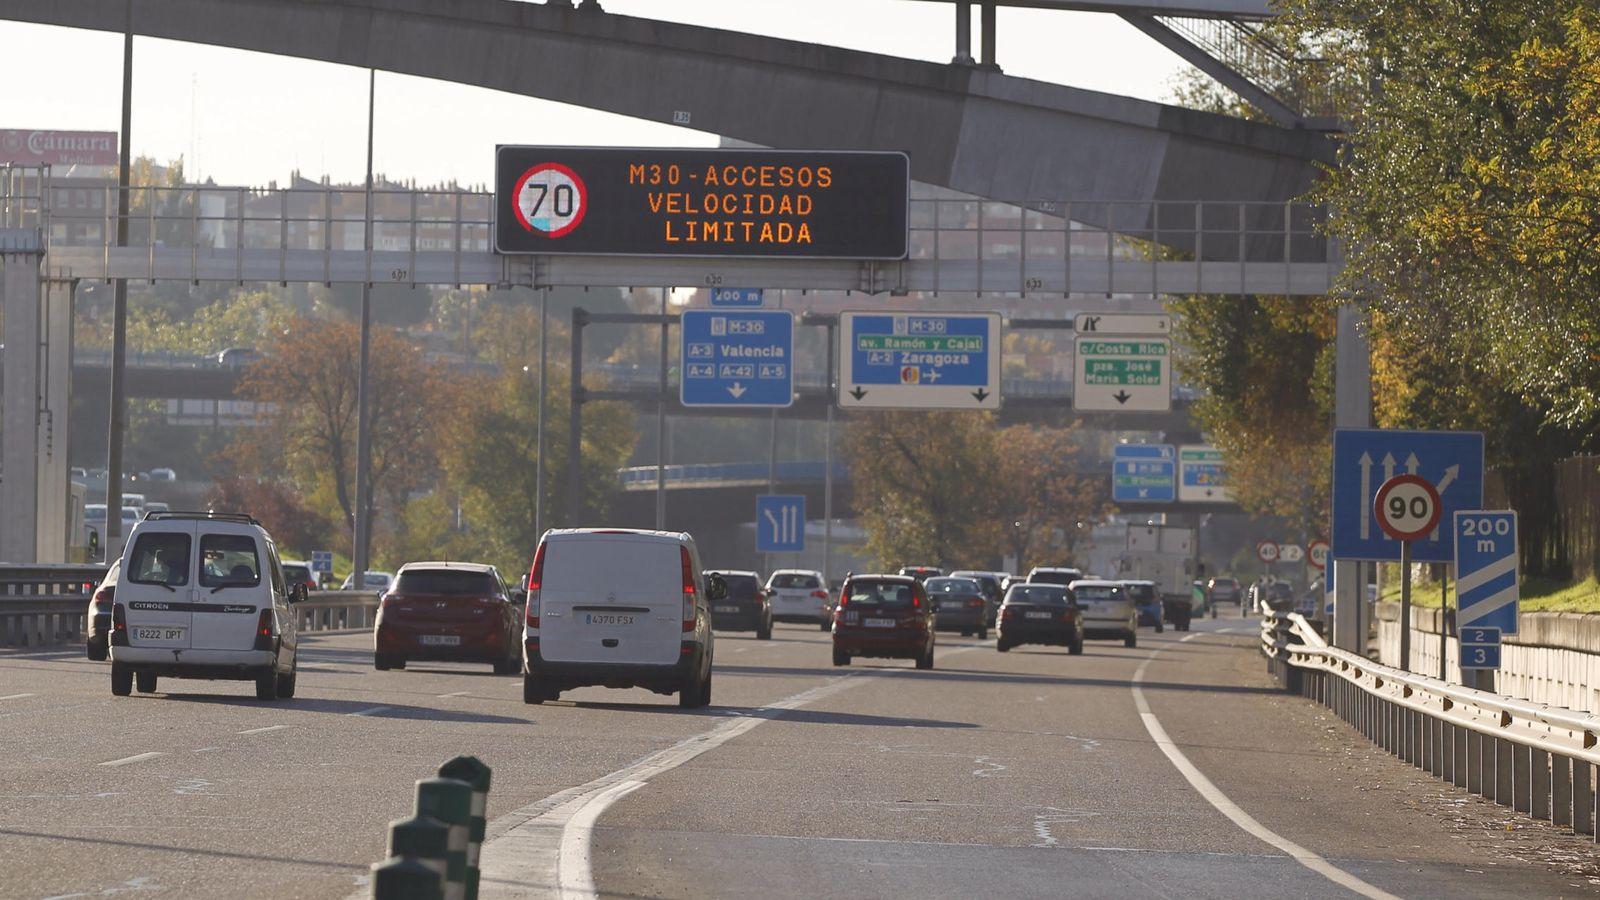 Foto: Limitación de velocidad en la M-30 durante la activación de la segunda fase del protocolo por alta contaminación, en noviembre del pasado año. (EFE)